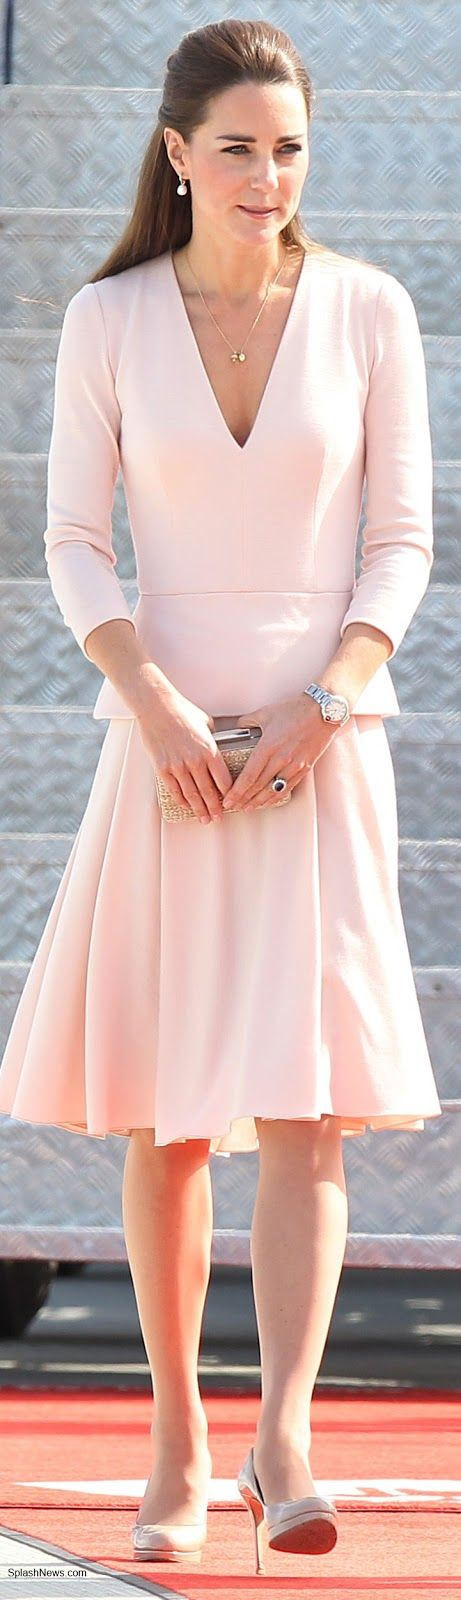 Kate in Pink McQueen for Adelaide Visit, LK Bennett Sledge pumps ...